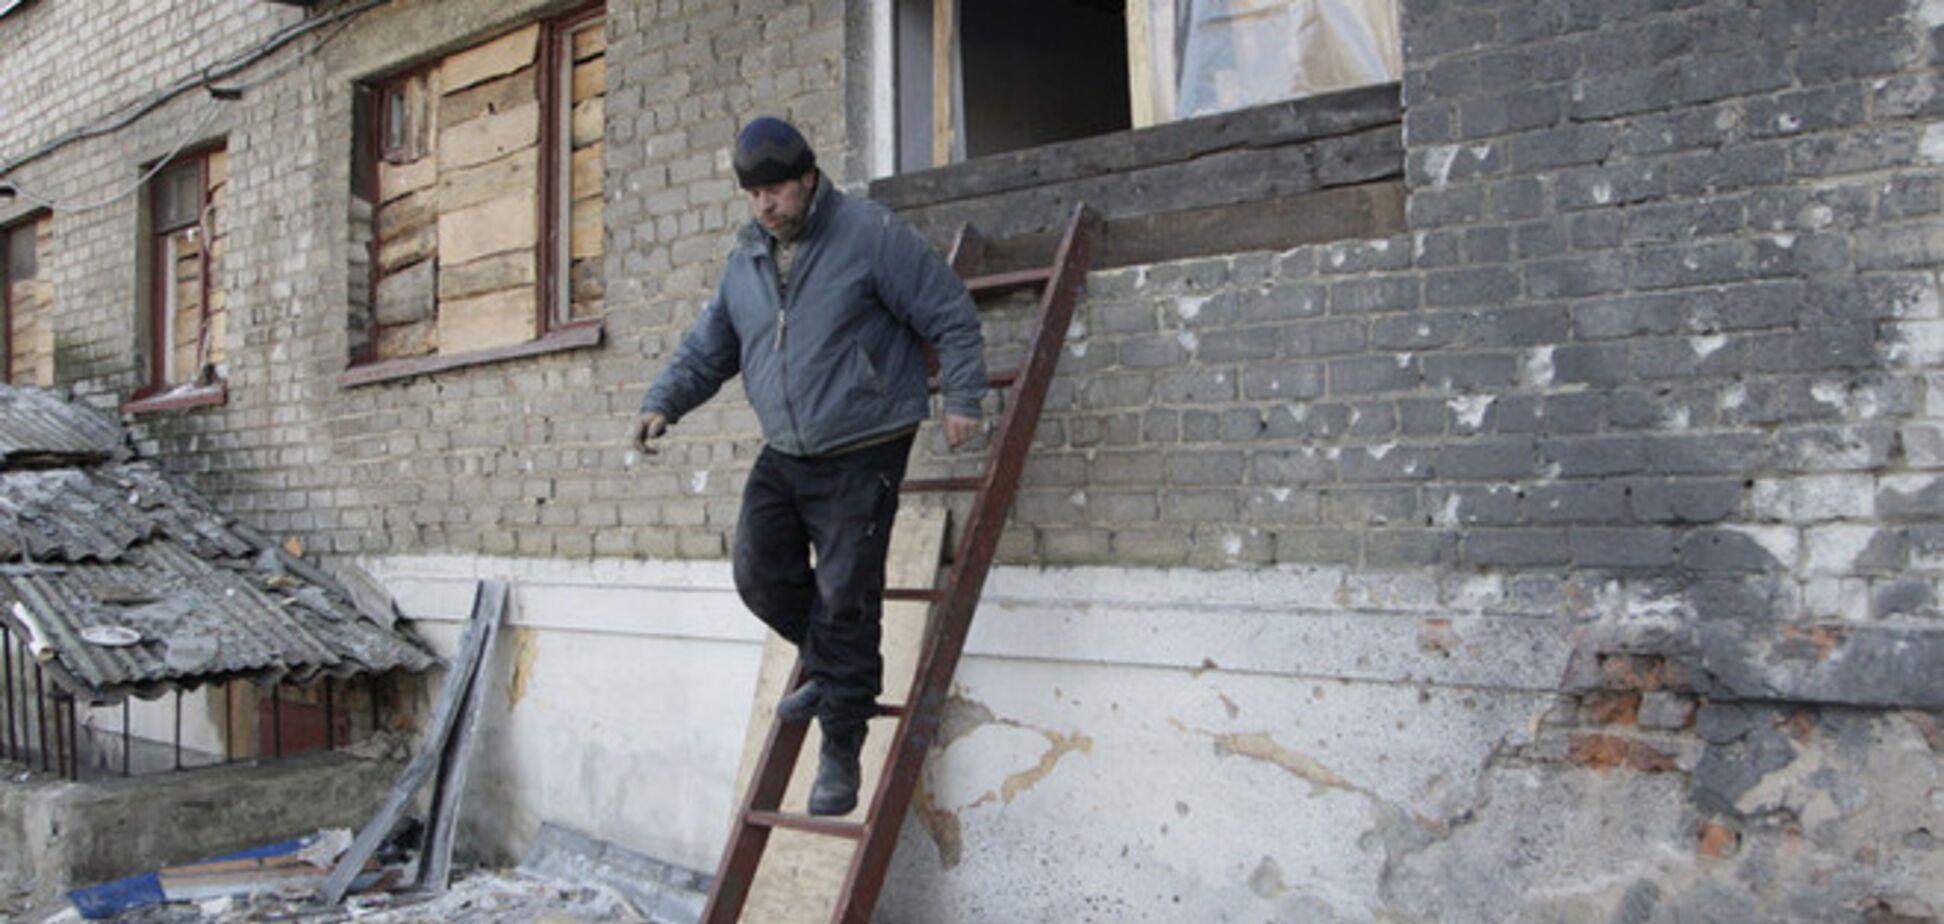 Дебальцево обстреляли во время визита миссии ОБСЕ